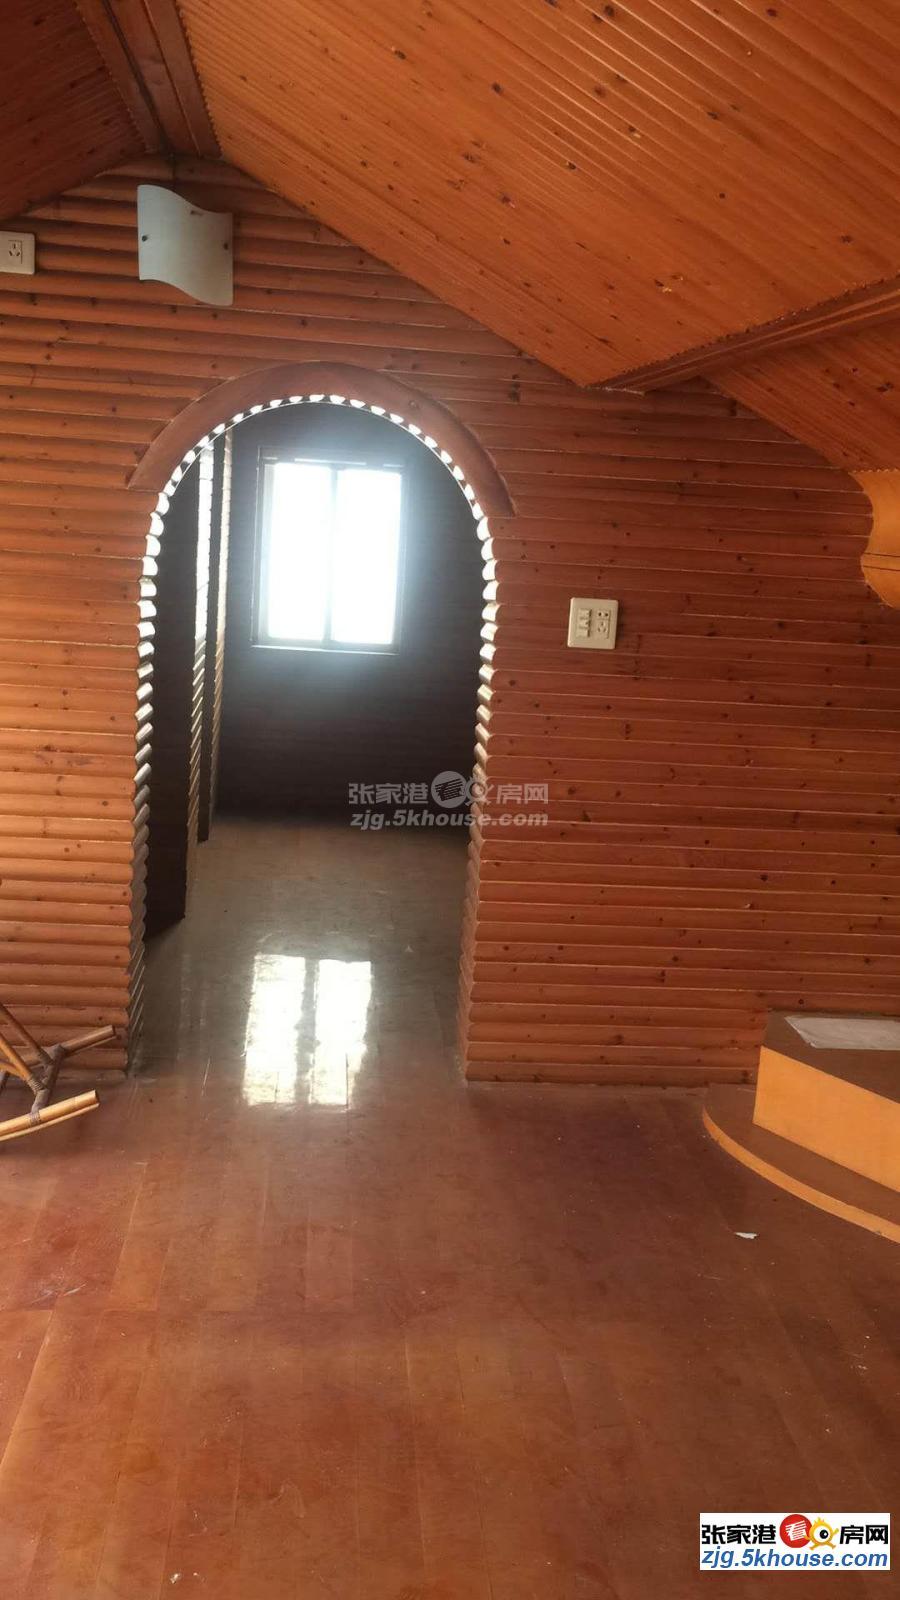 胜利新村 168.8万 4室2厅2卫 精装修 好楼层好位置低价位